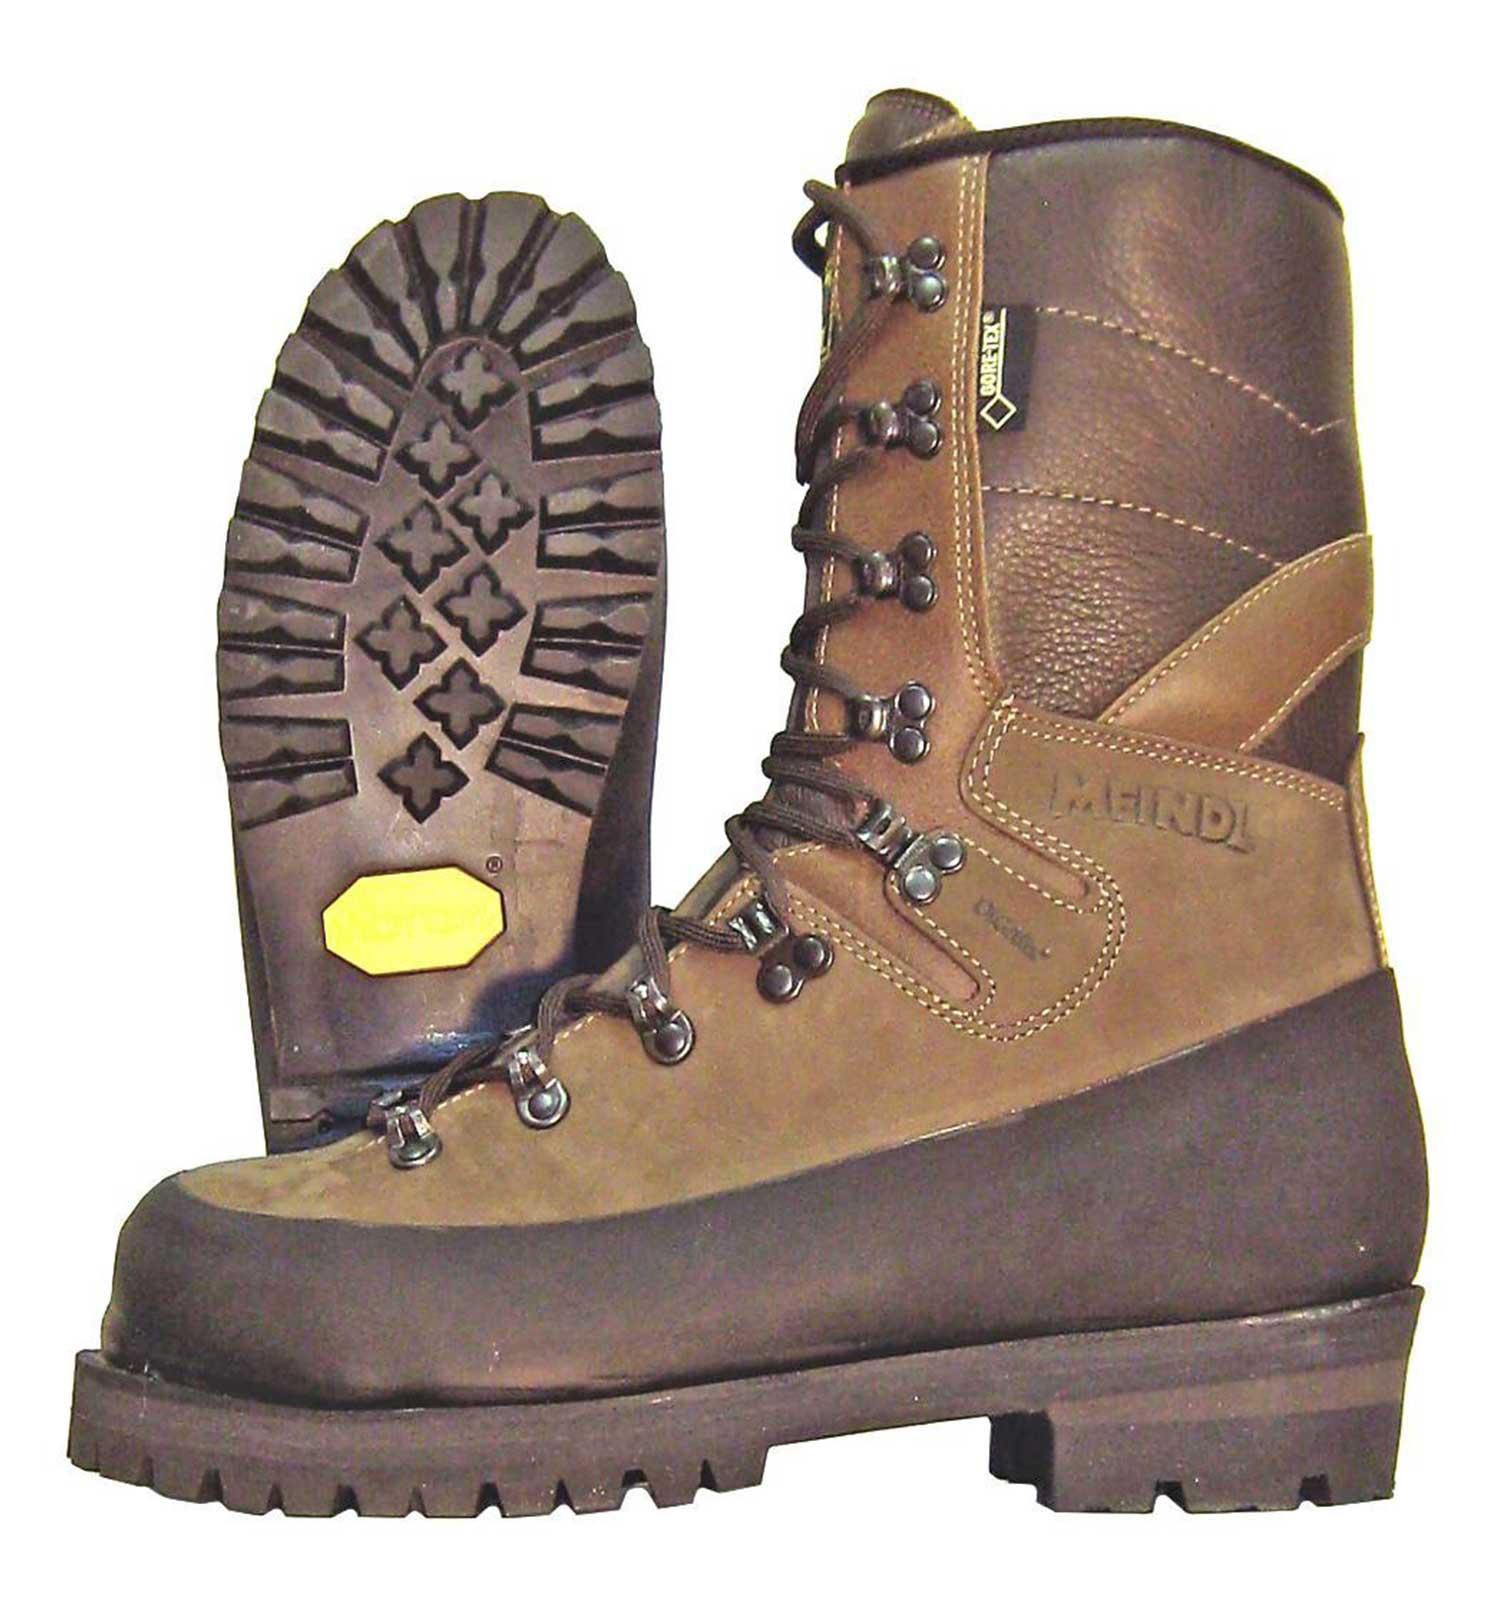 Meindl-10″-Eureka-Lineman-Steel-Toe-Brown-Side